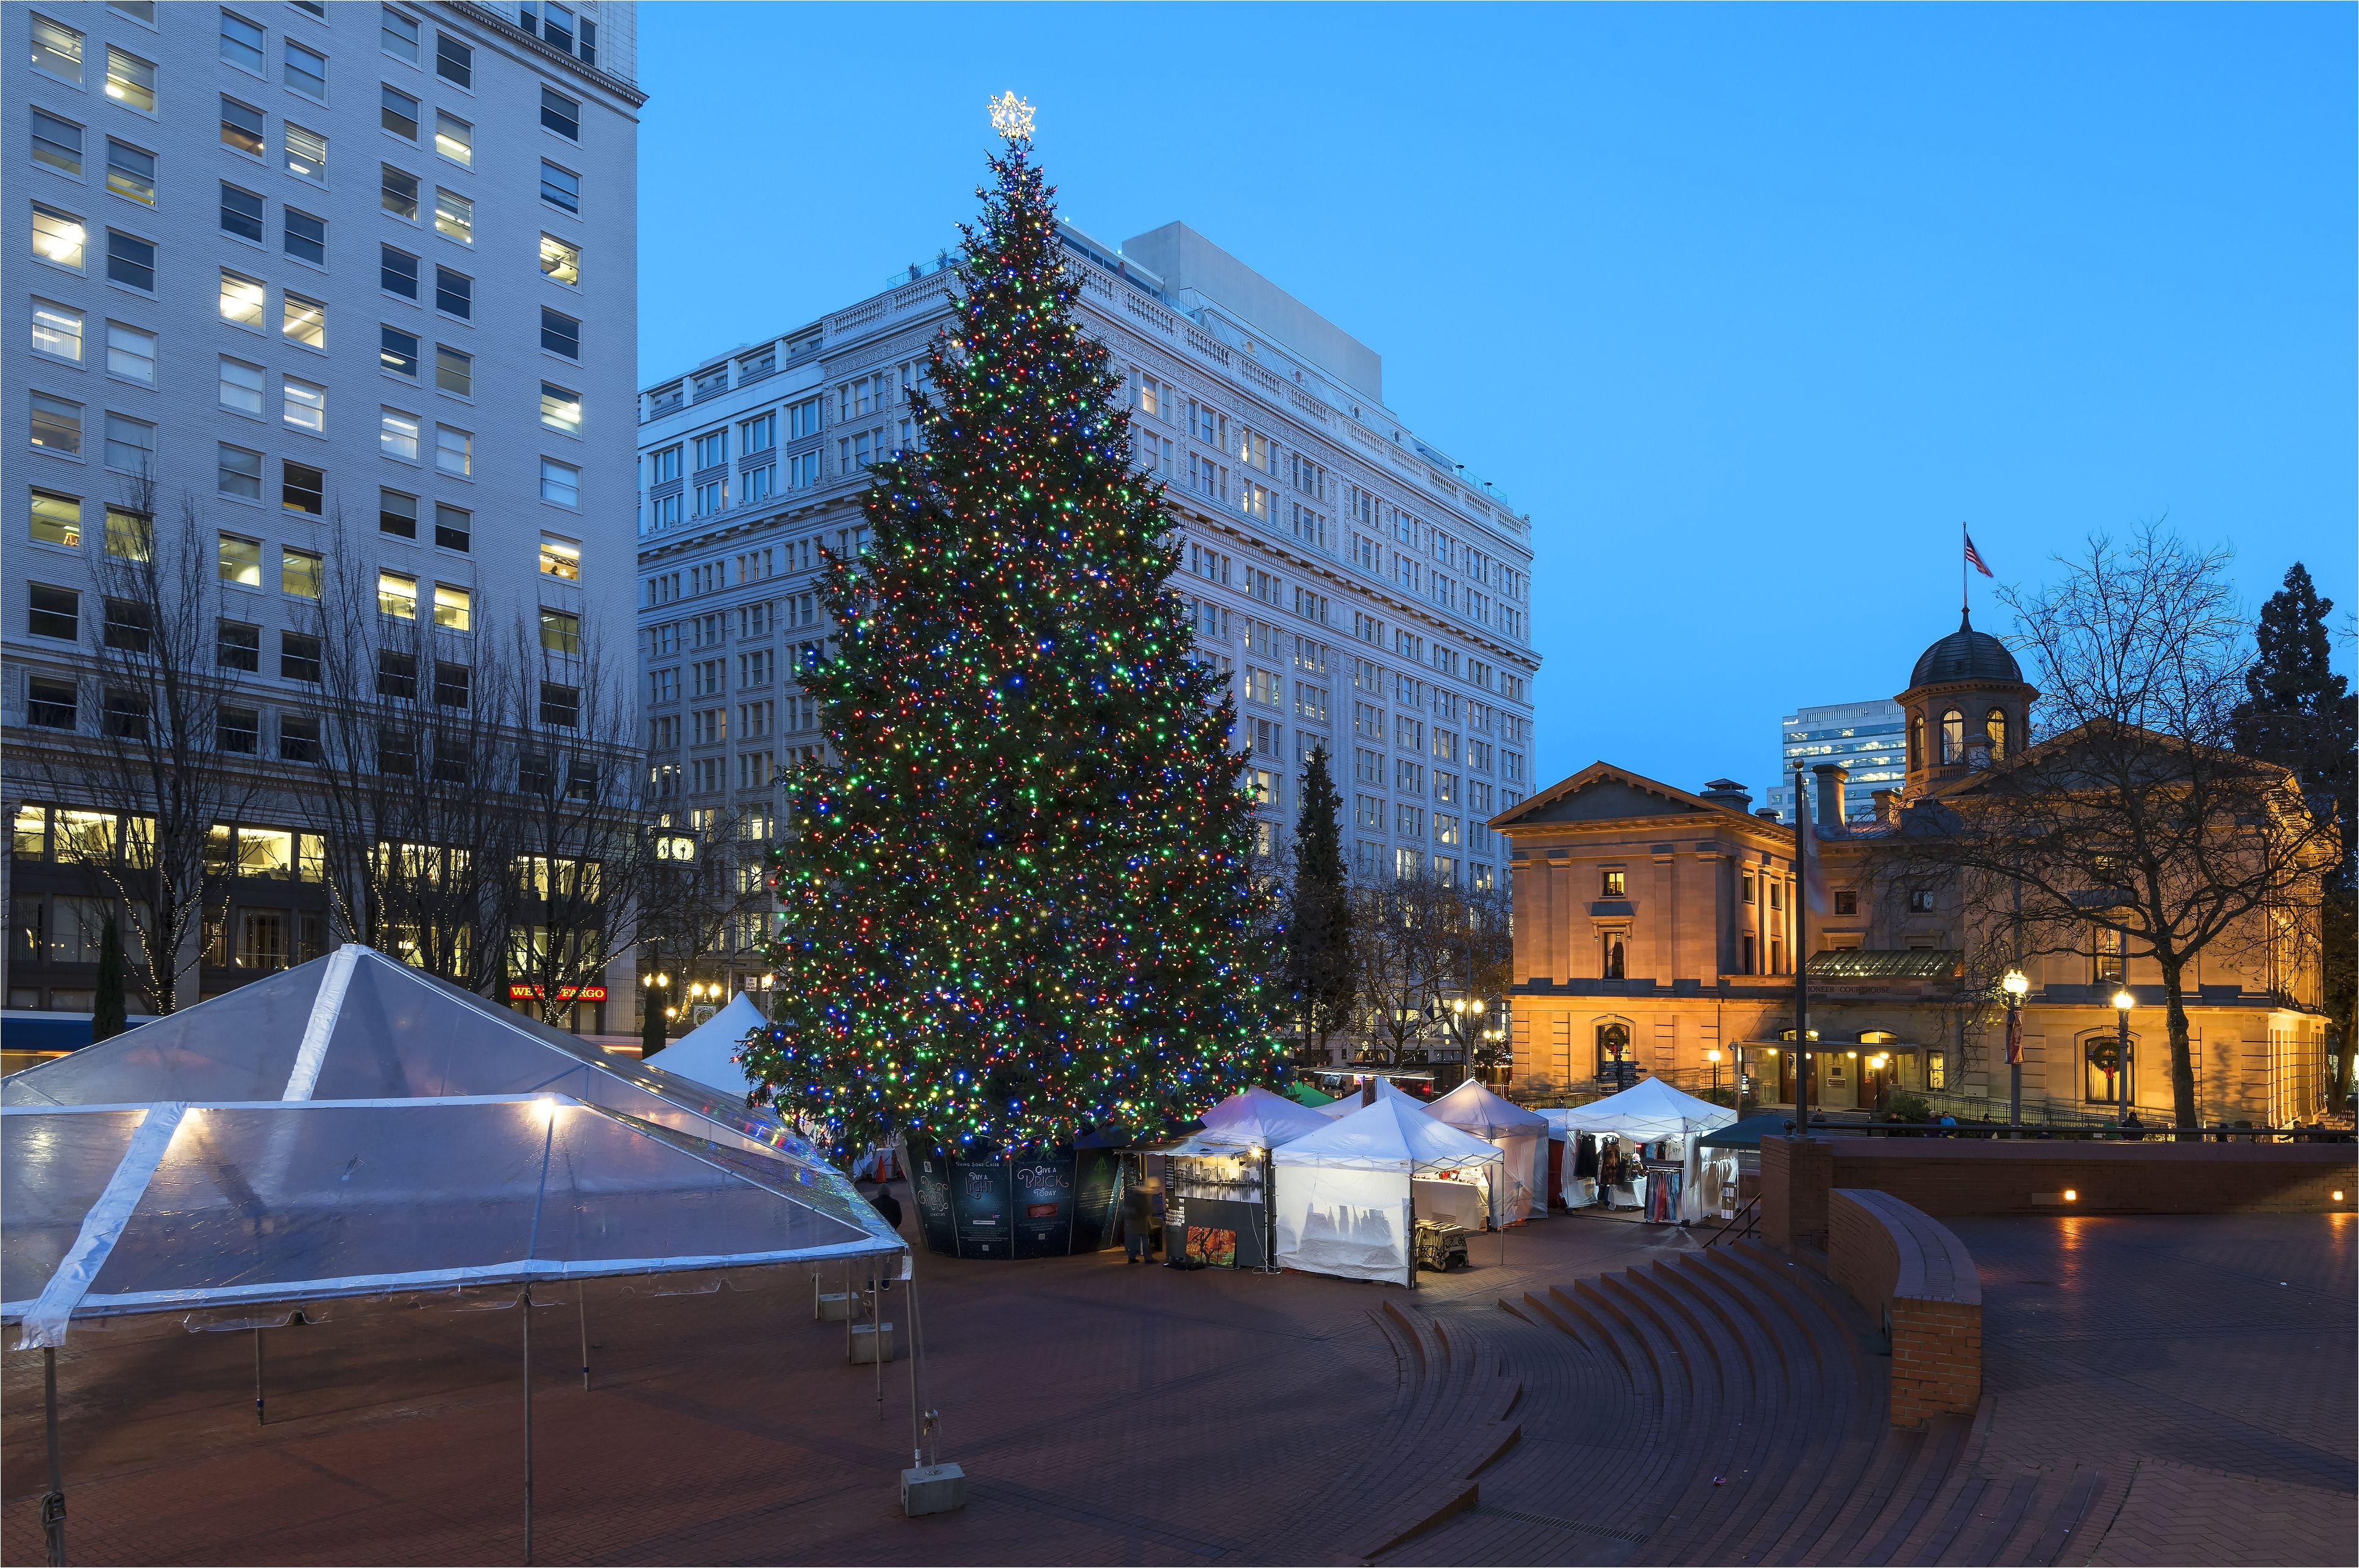 christmas tree in portland or 628418092 5ab9521b8023b90036b5de18 jpg